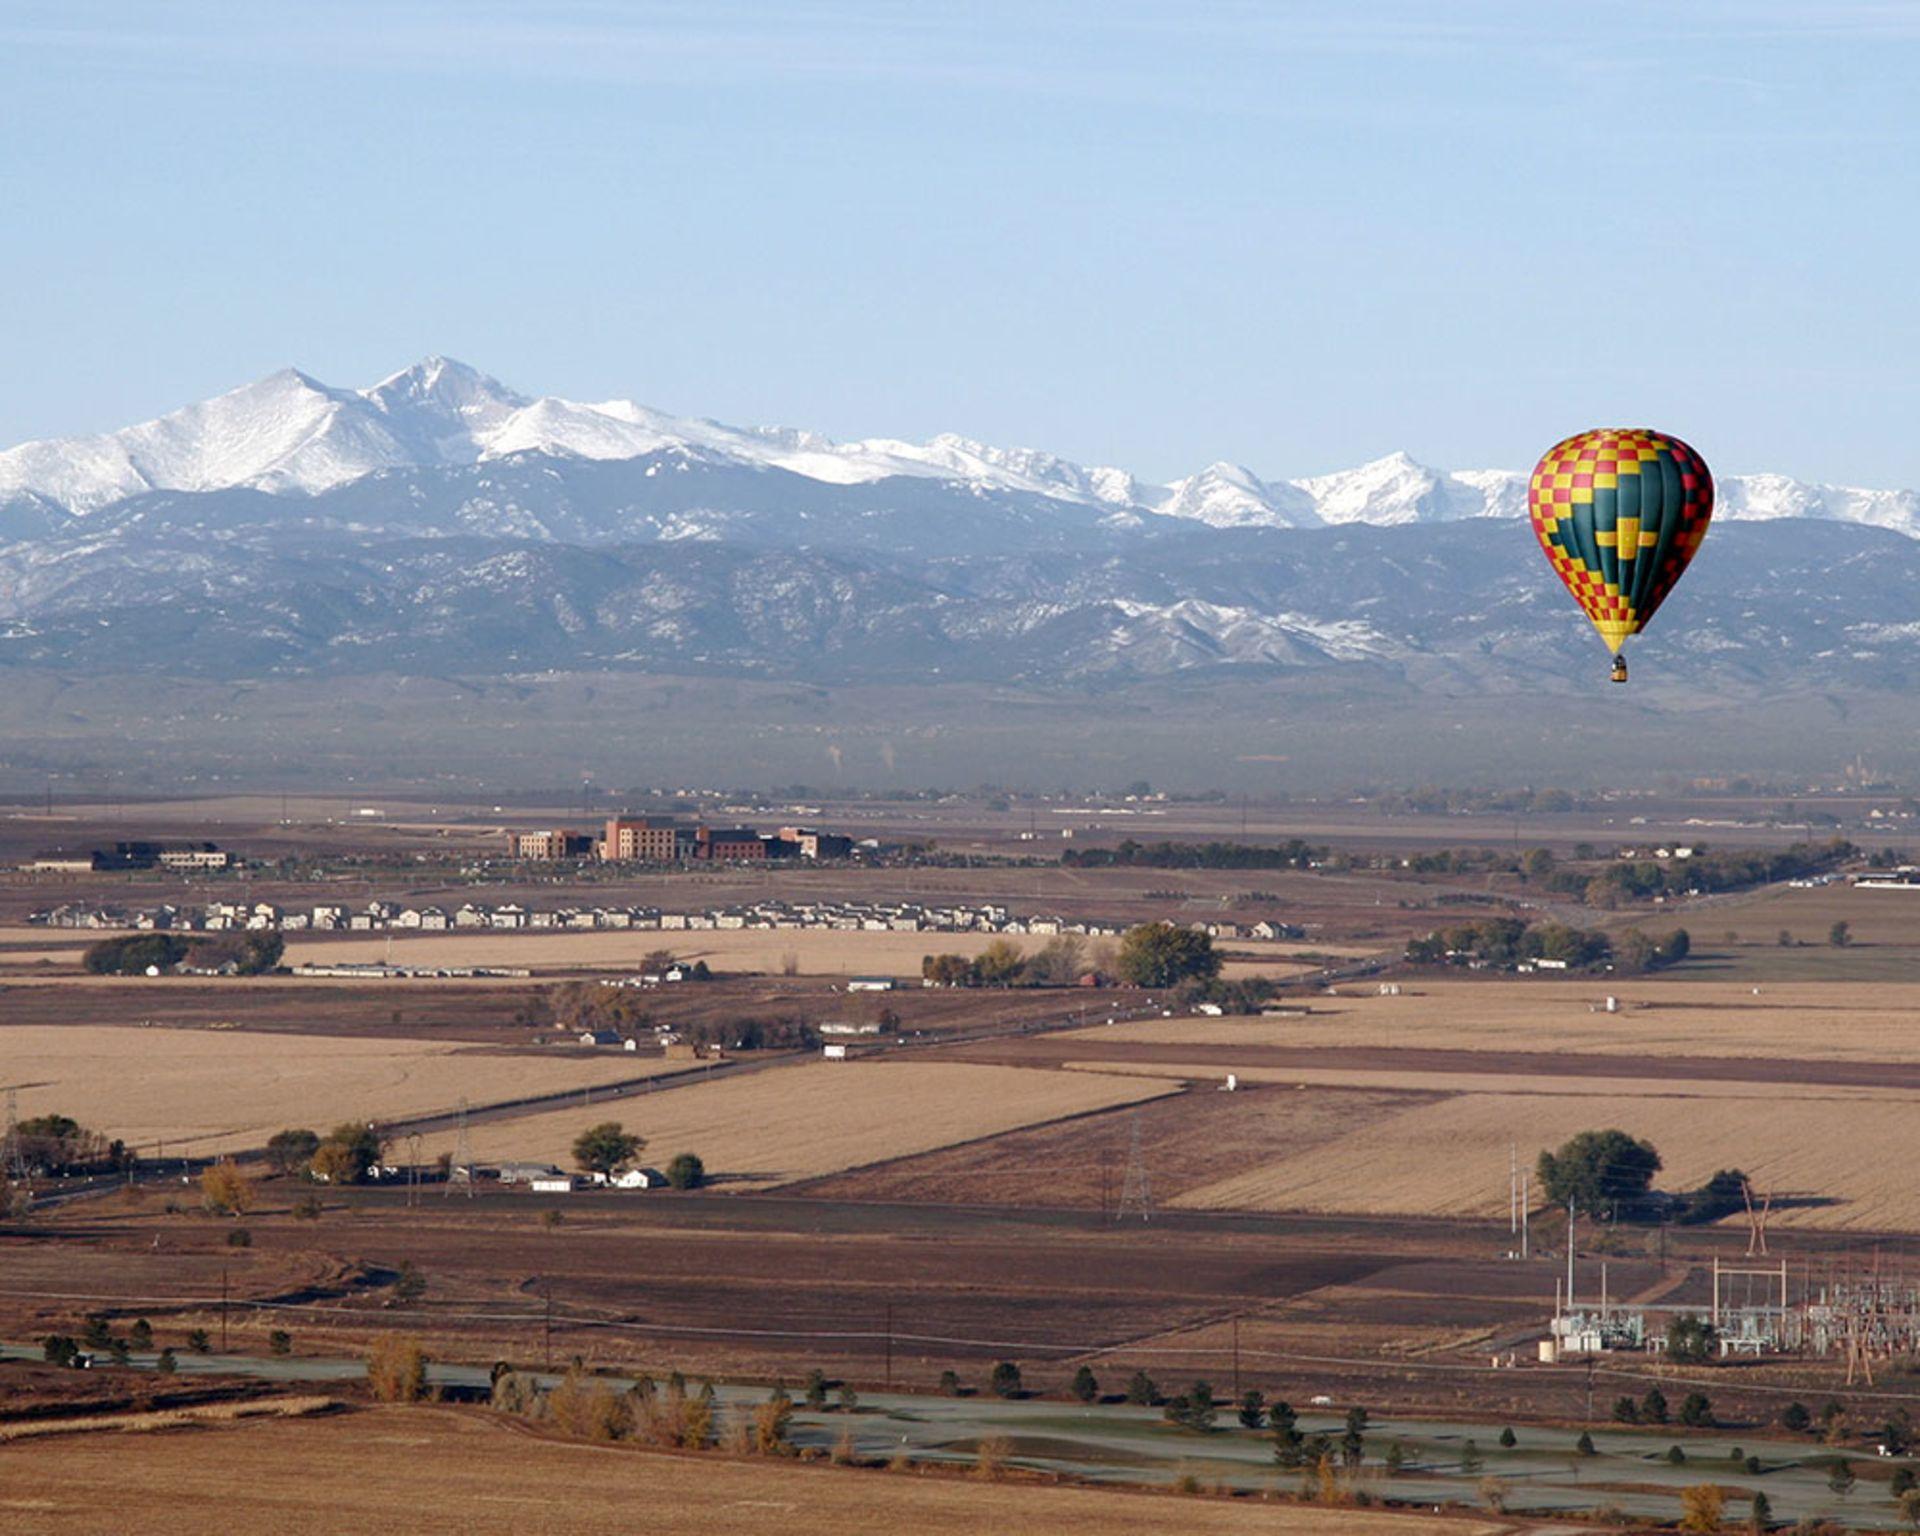 Northern Colorado